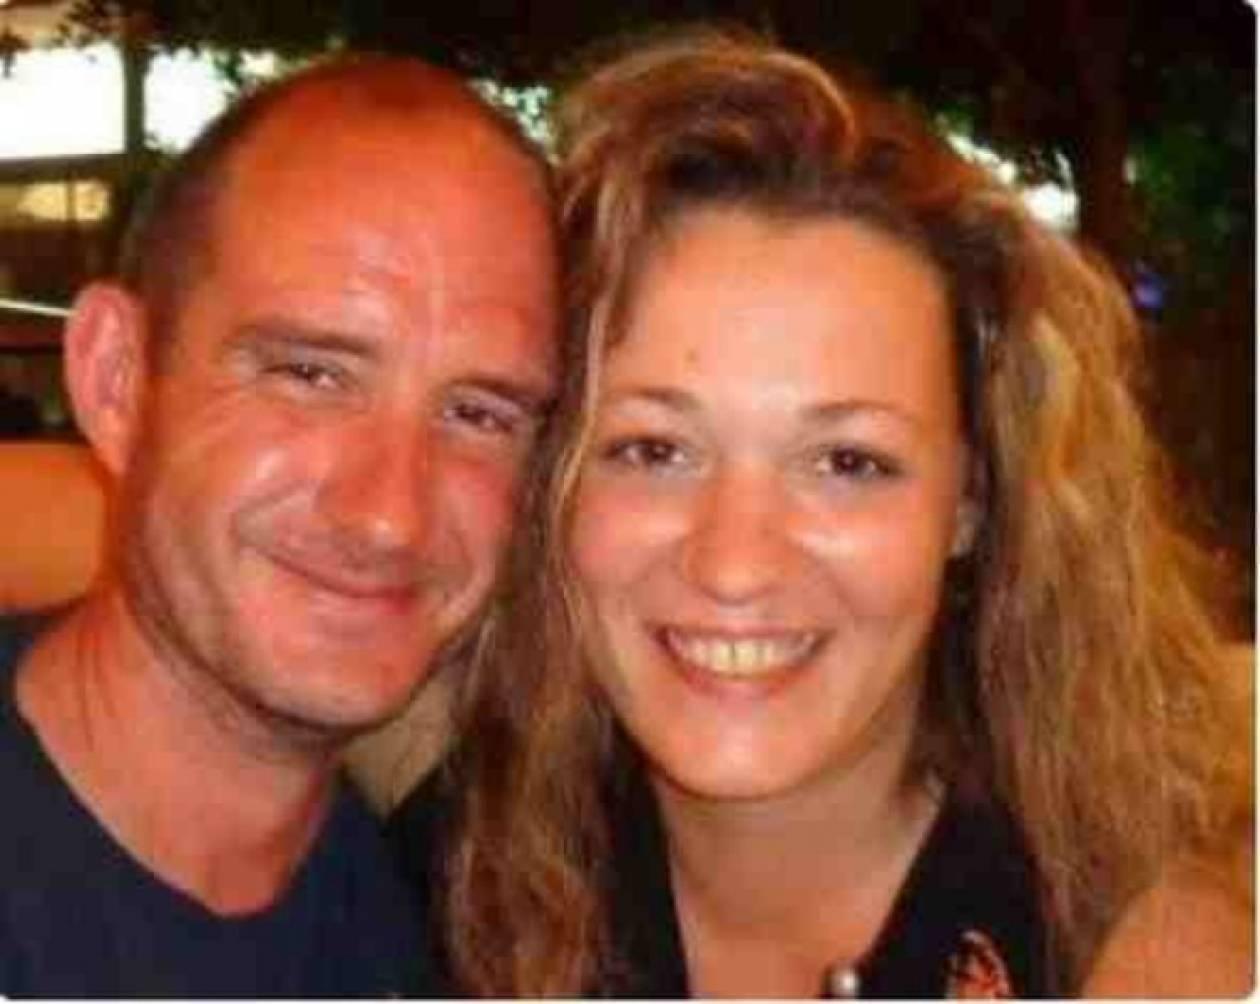 Θέλουν να παντρευτούν μέσα στην ΕΤ3